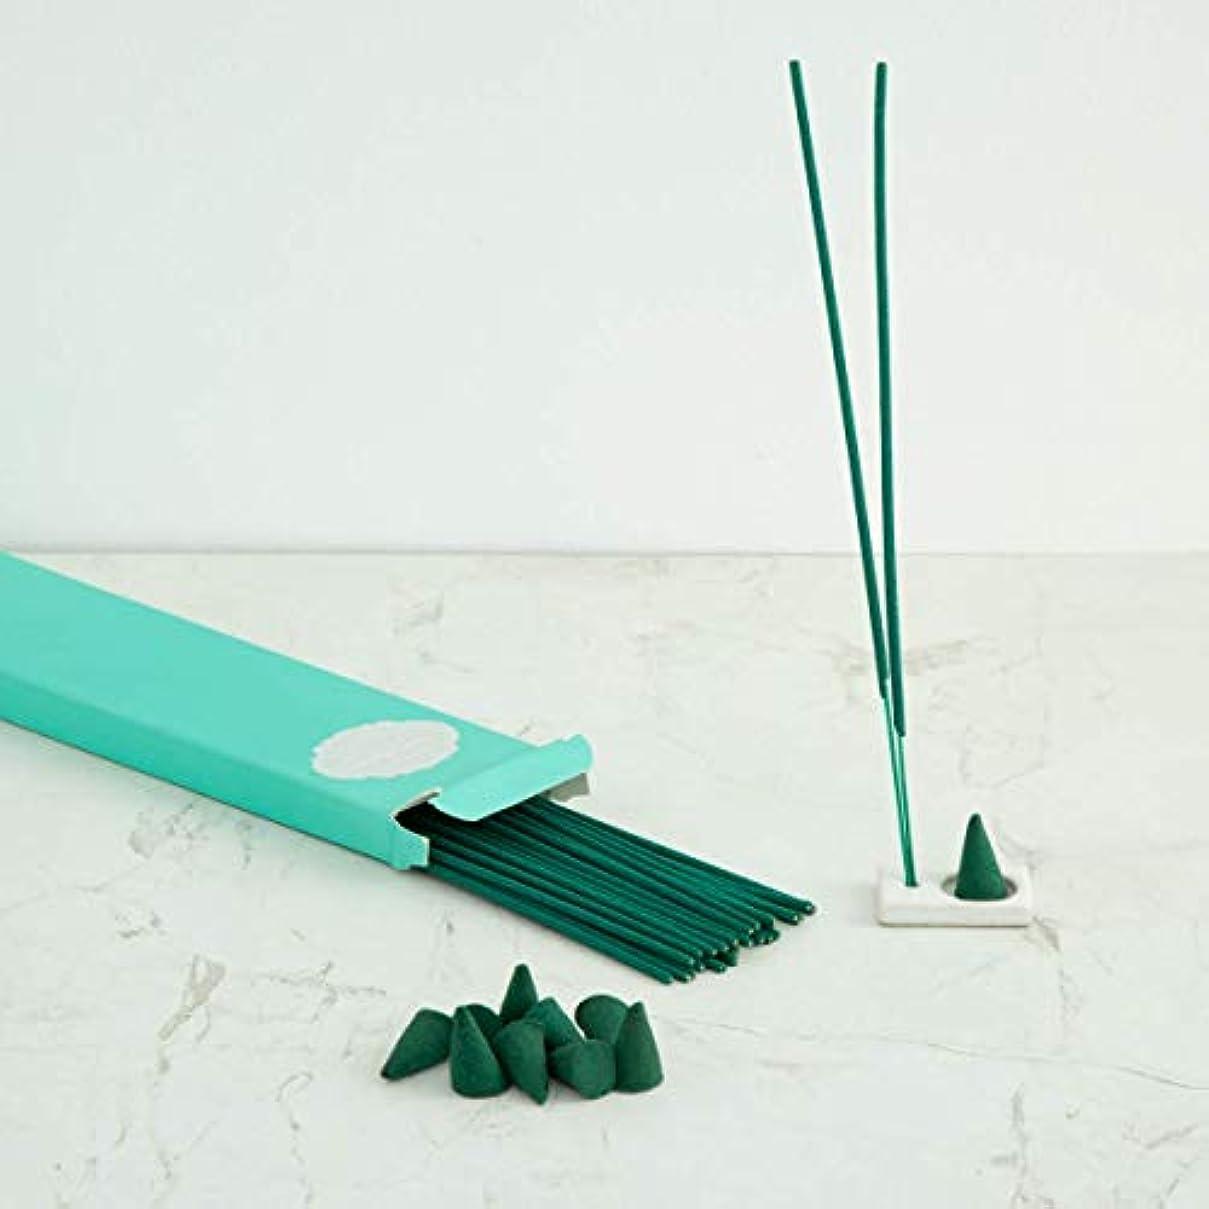 日曜日学者オッズHome Centre Redolance Chirping Woods Incense Sticks and Cones - Blue